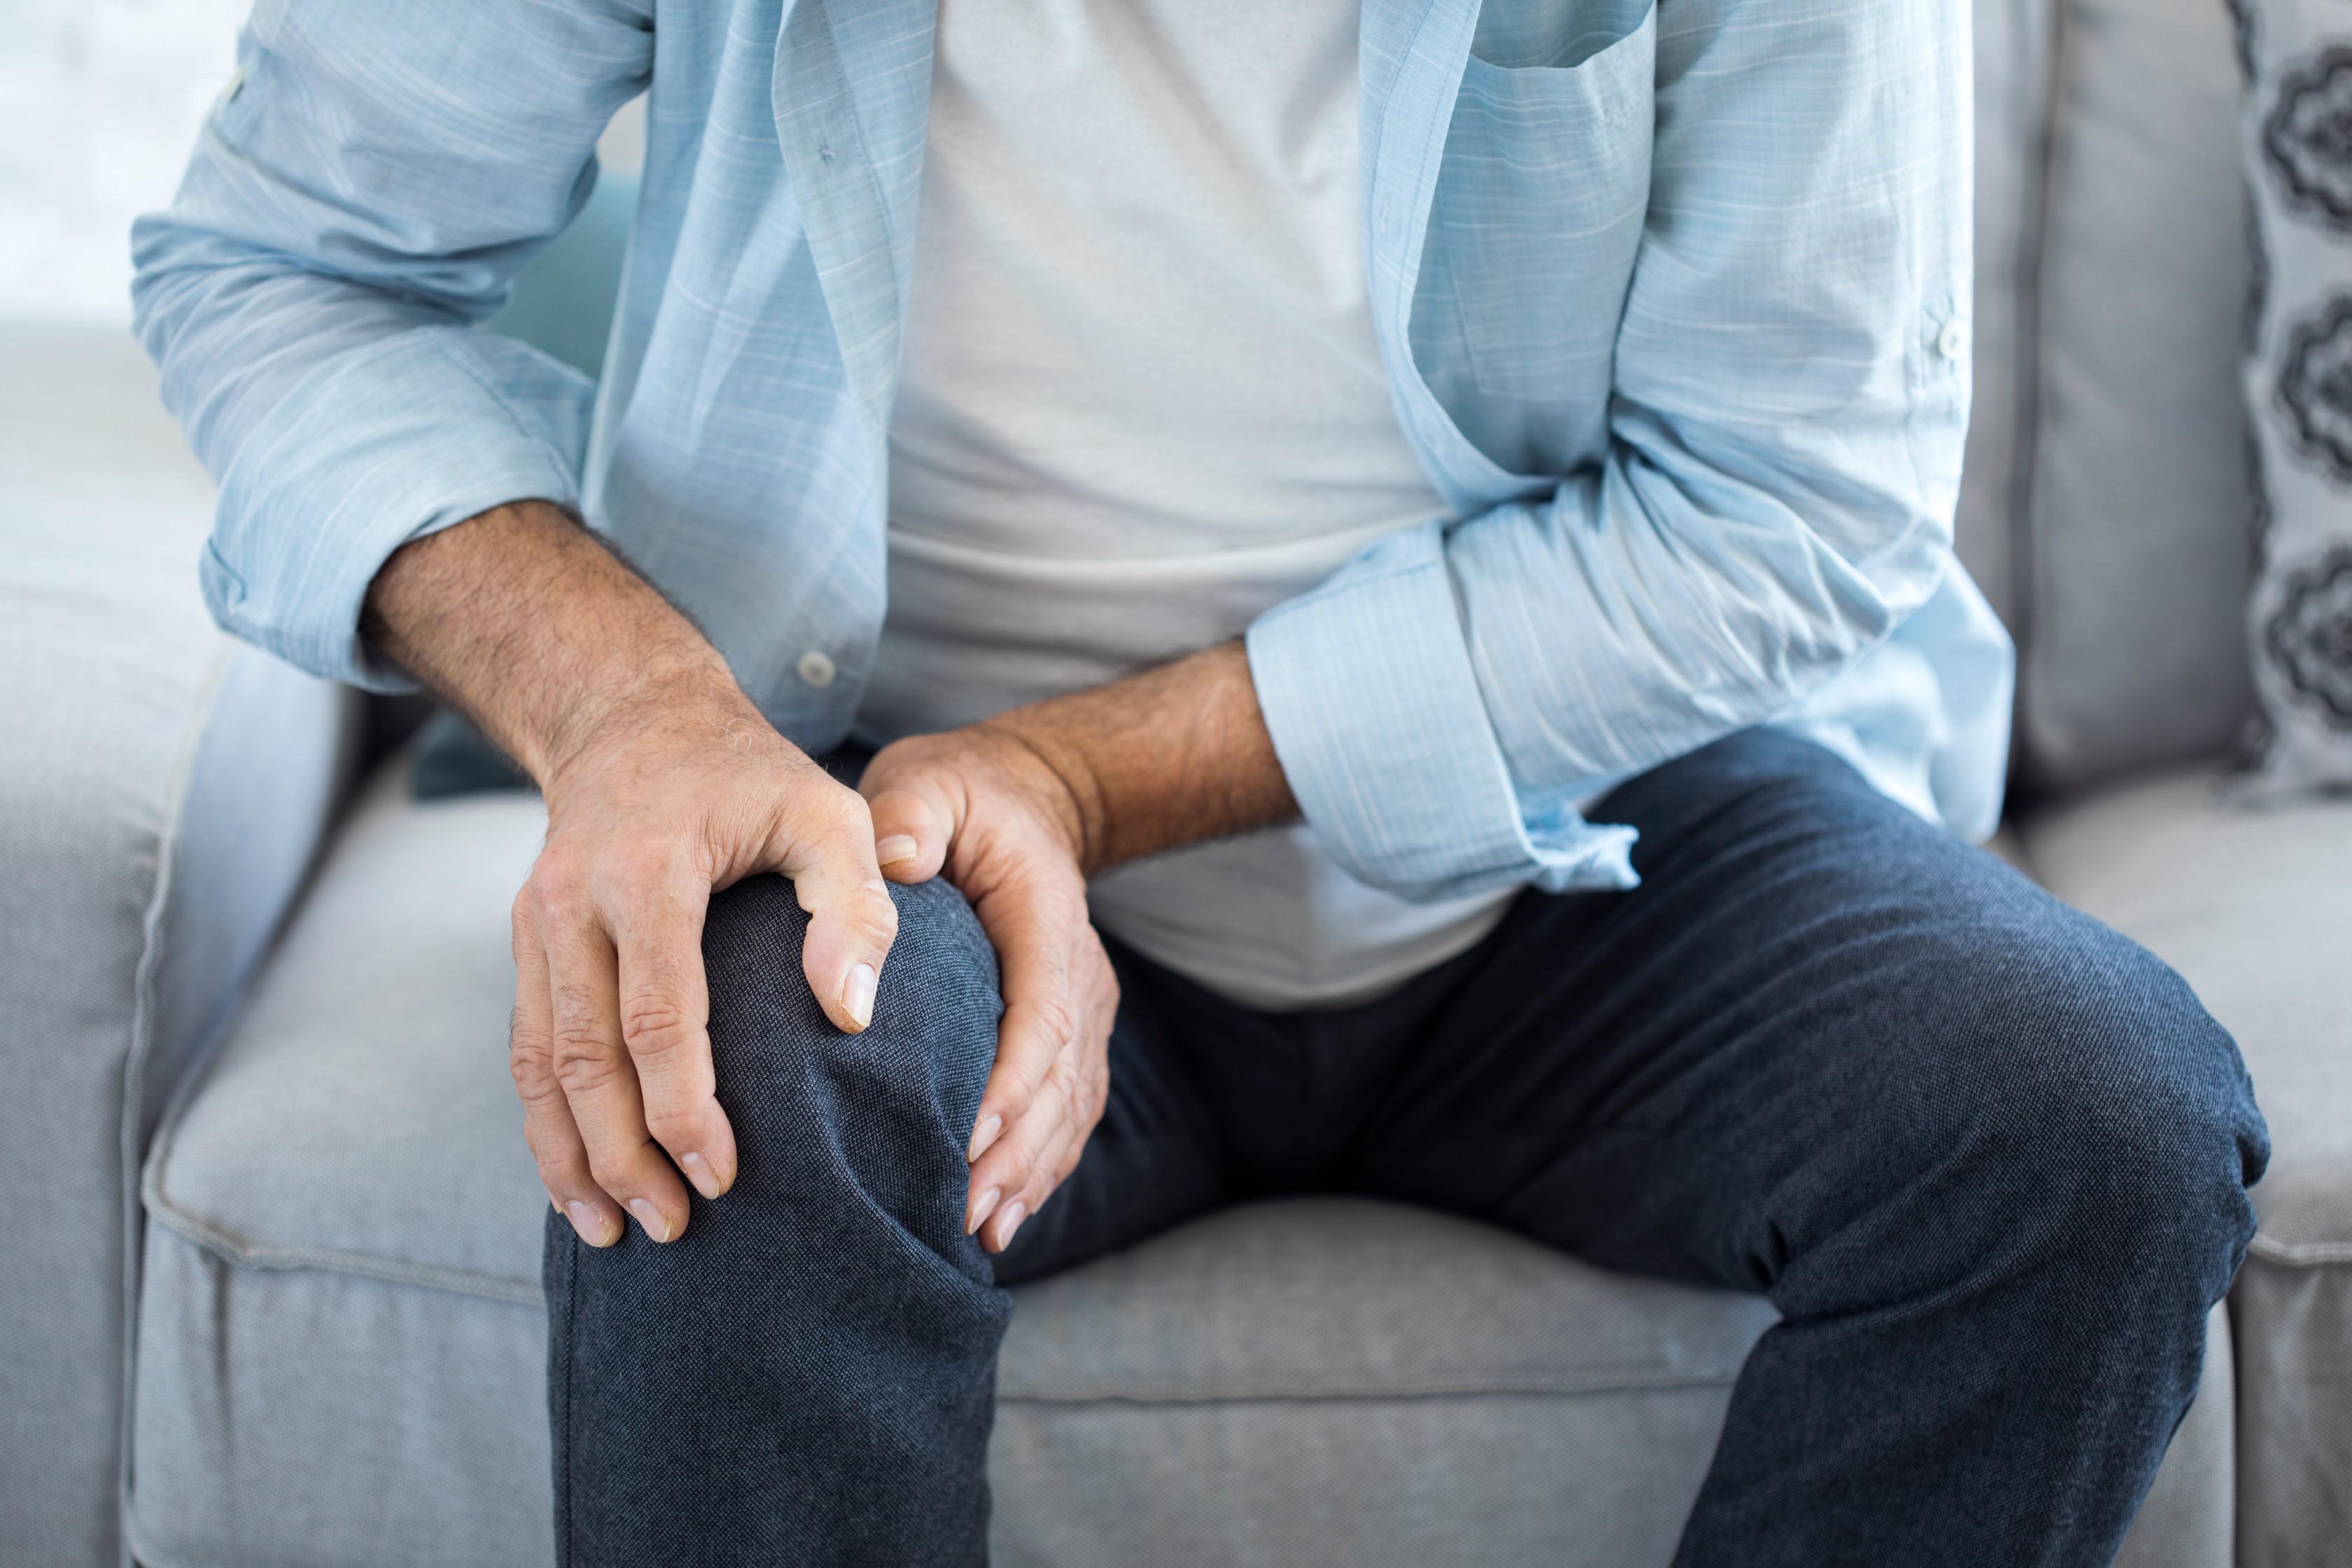 segít-e a solidol ízületi fájdalmak esetén fogak és ízületek fájnak